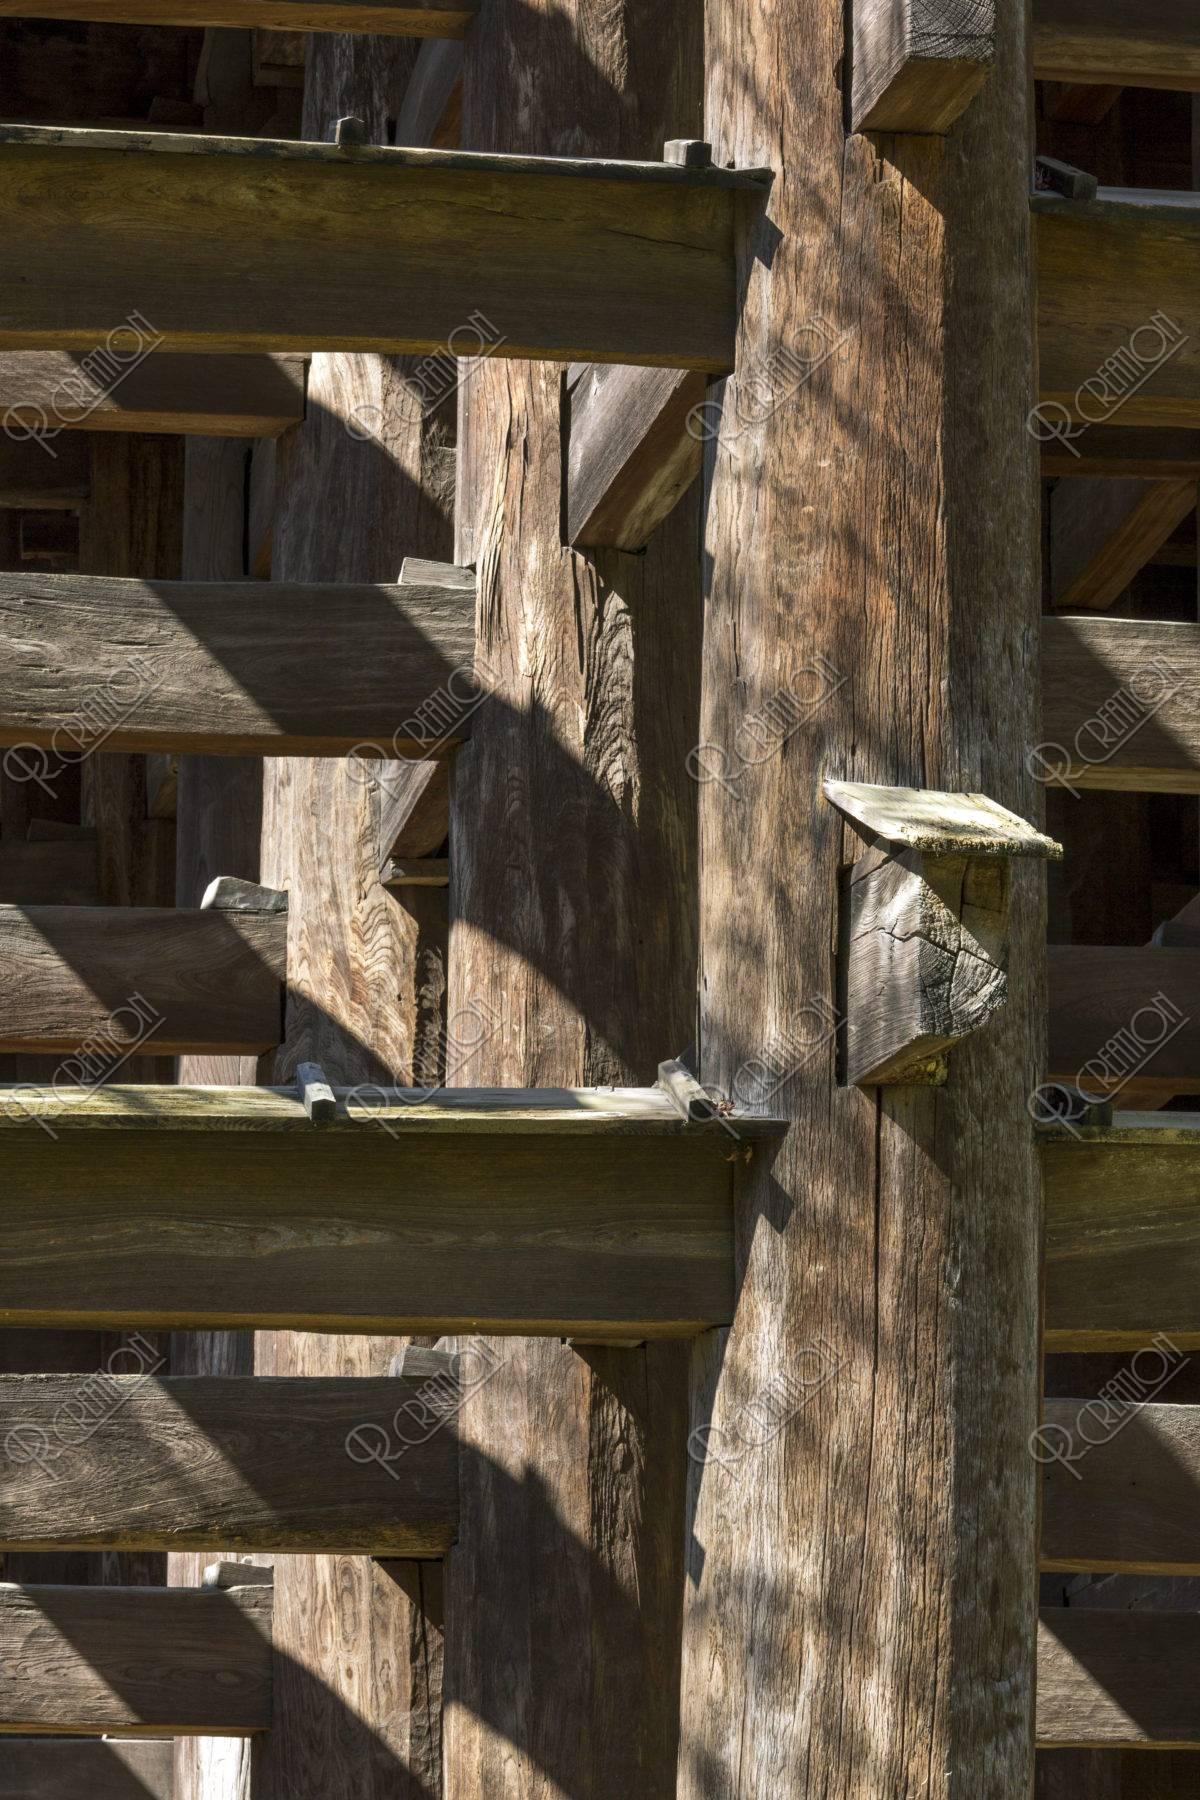 清水寺 舞台の柱